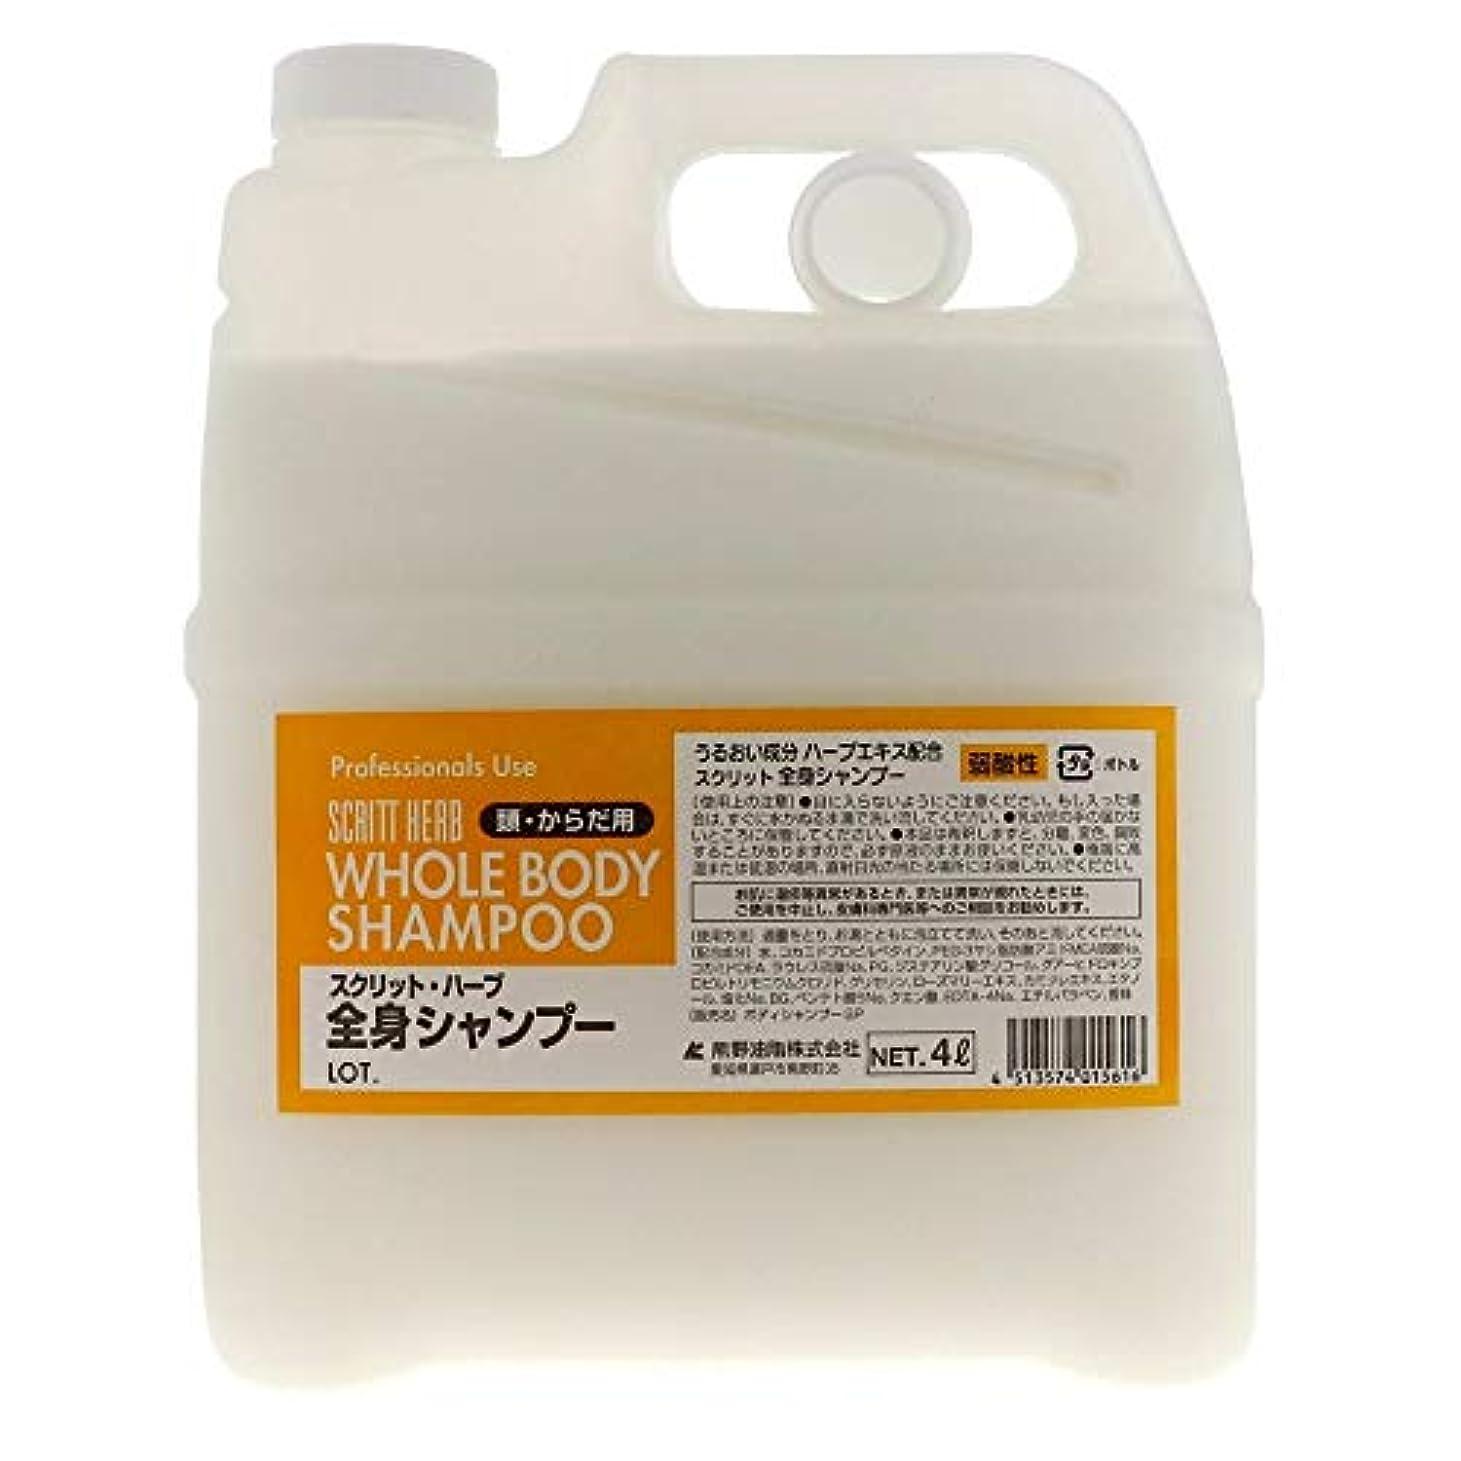 応援する誇大妄想仮定する熊野油脂 業務用 SCRITT(スクリット) 全身シャンプー 4L